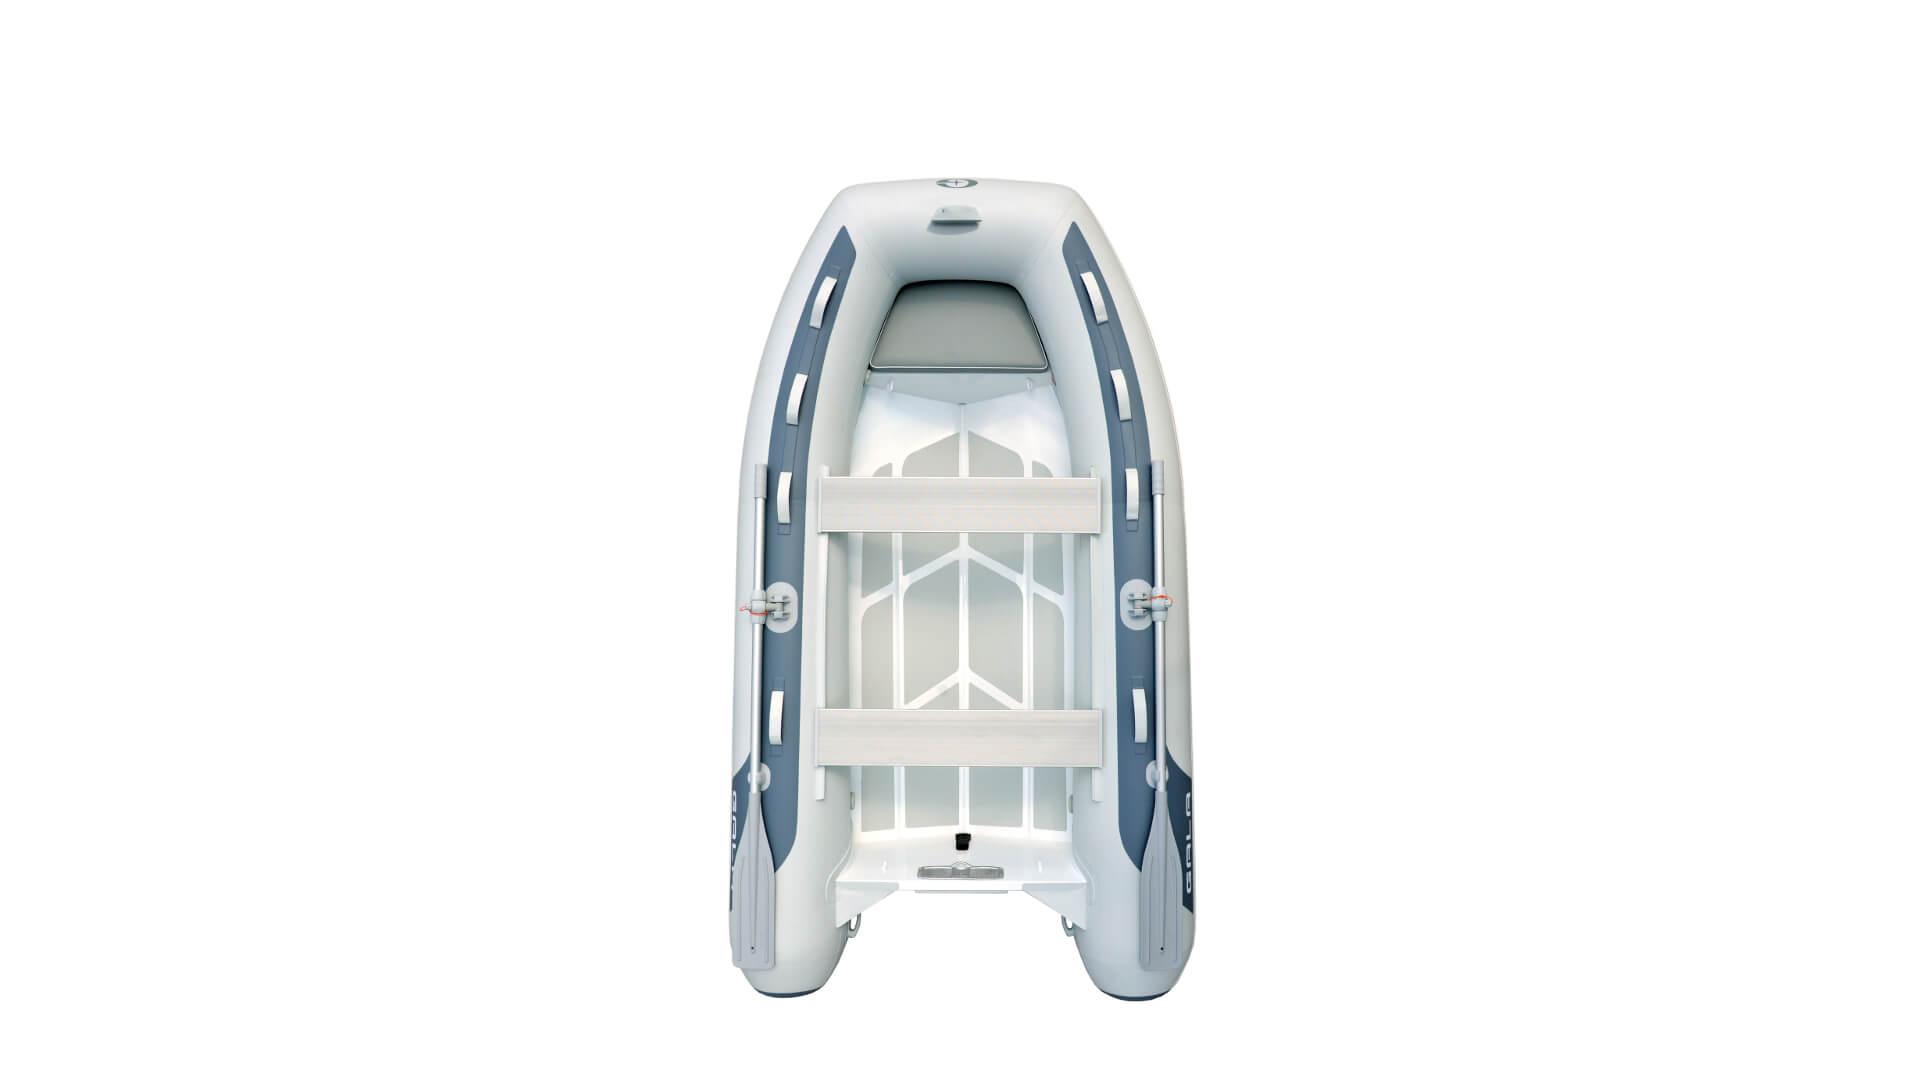 Надувная лодка с жестким алюминиевым дном GALA Atlantis A300, Надувная лодка с жестким дном GALA Atlantis A300, Надувная лодка с жестким дном GALA A300, Надувная лодка GALA A300 , Надувная лодка GALA A300, GALA A300, лодка с жестким дном, алюминиевый риб, алюминиевый RIB, RIB, тендерная лодка, тендер для яхты